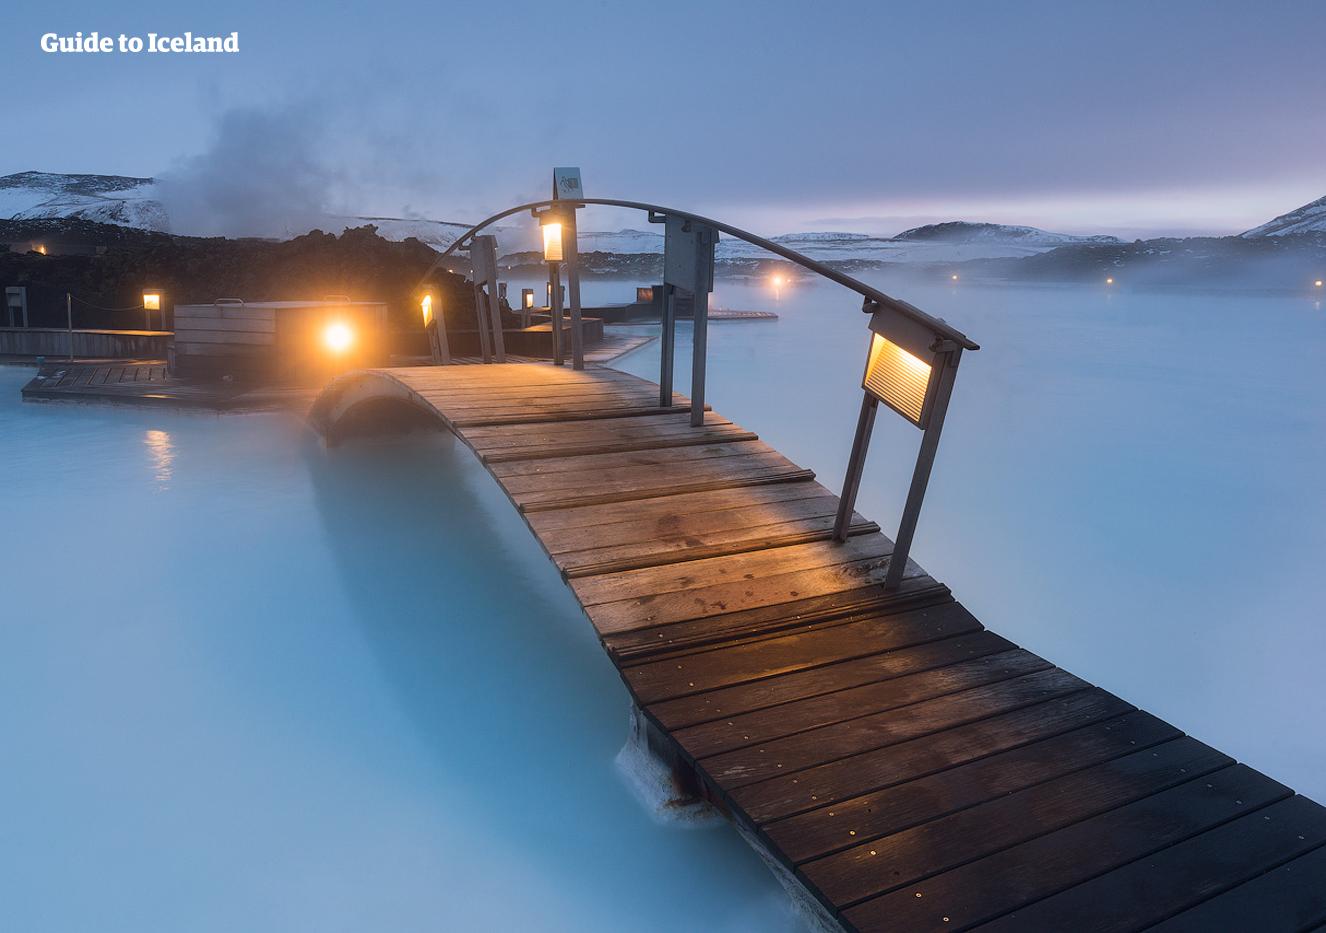 Å slappe av i Den blå lagunes varme vann, omgitt av kullsvart lava toppet med snø, er en opplevelse du sent vil glemme